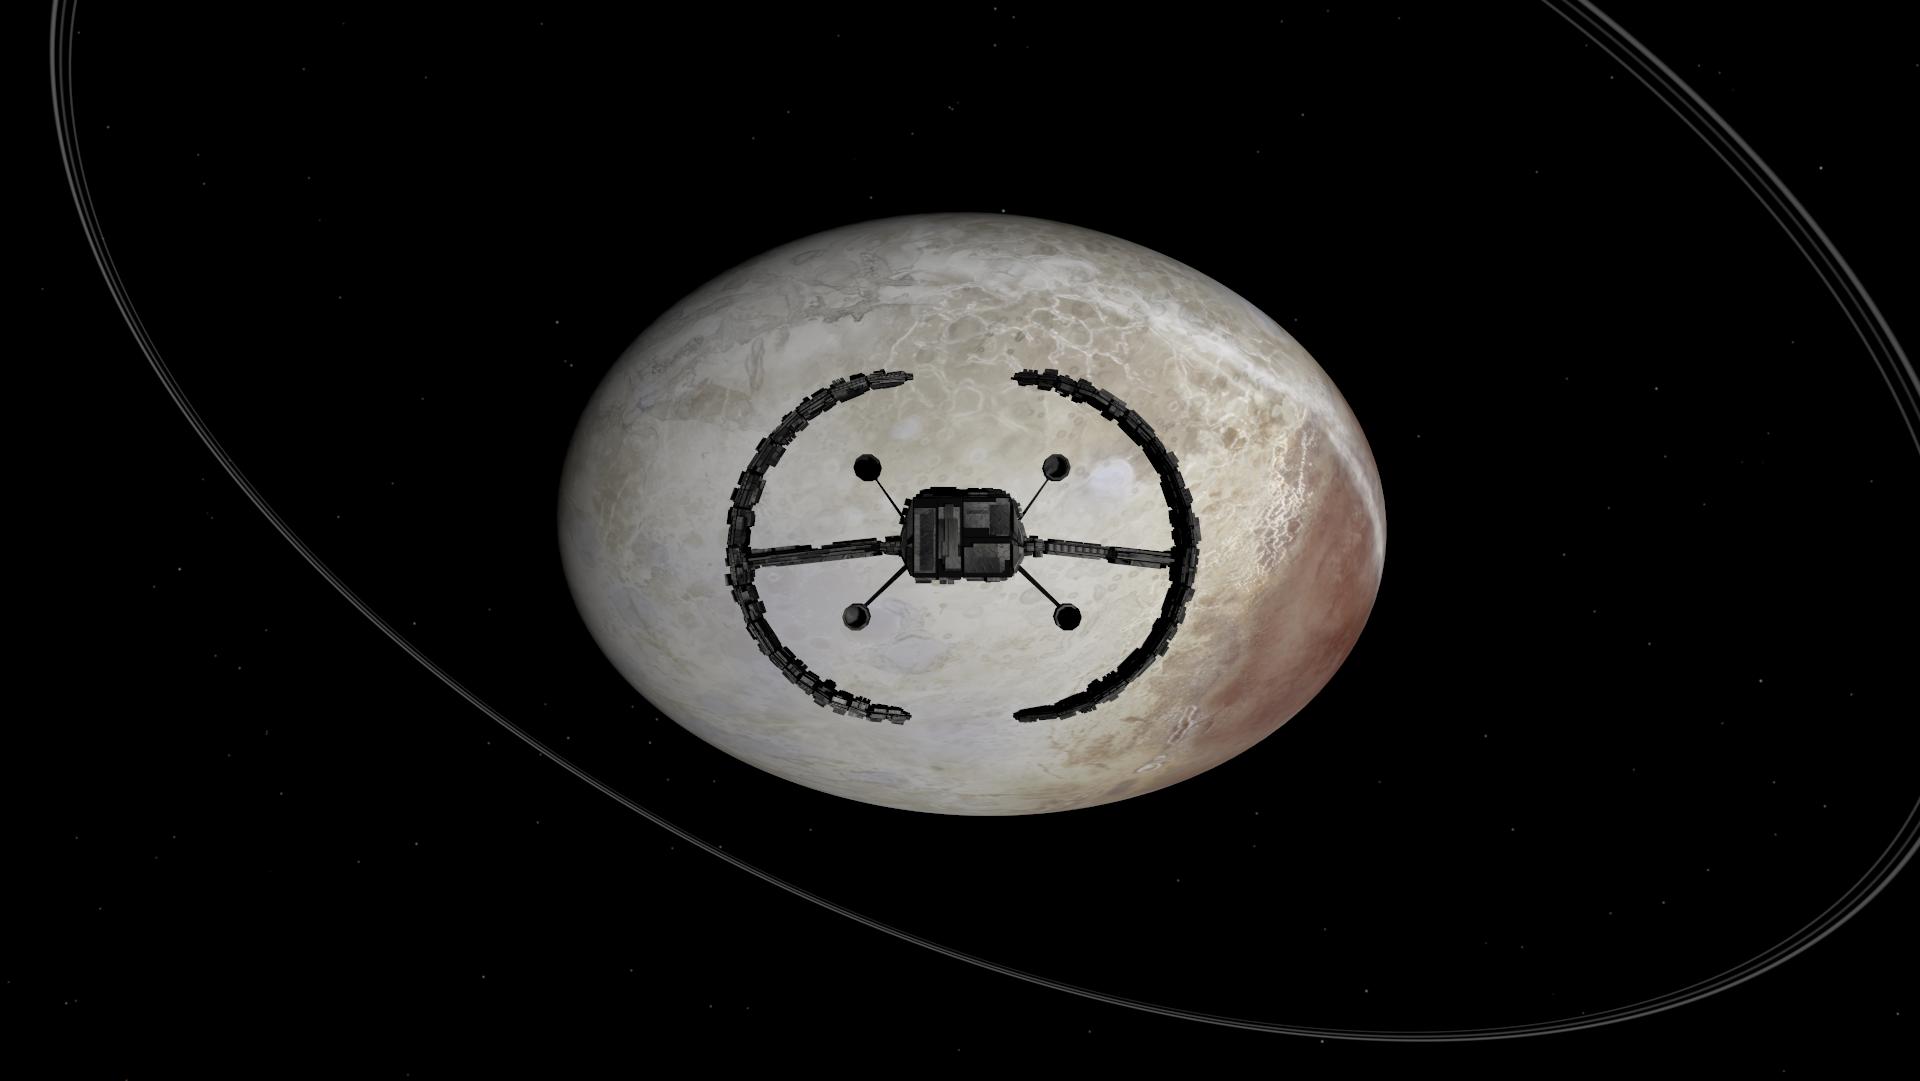 Haumea and a ship